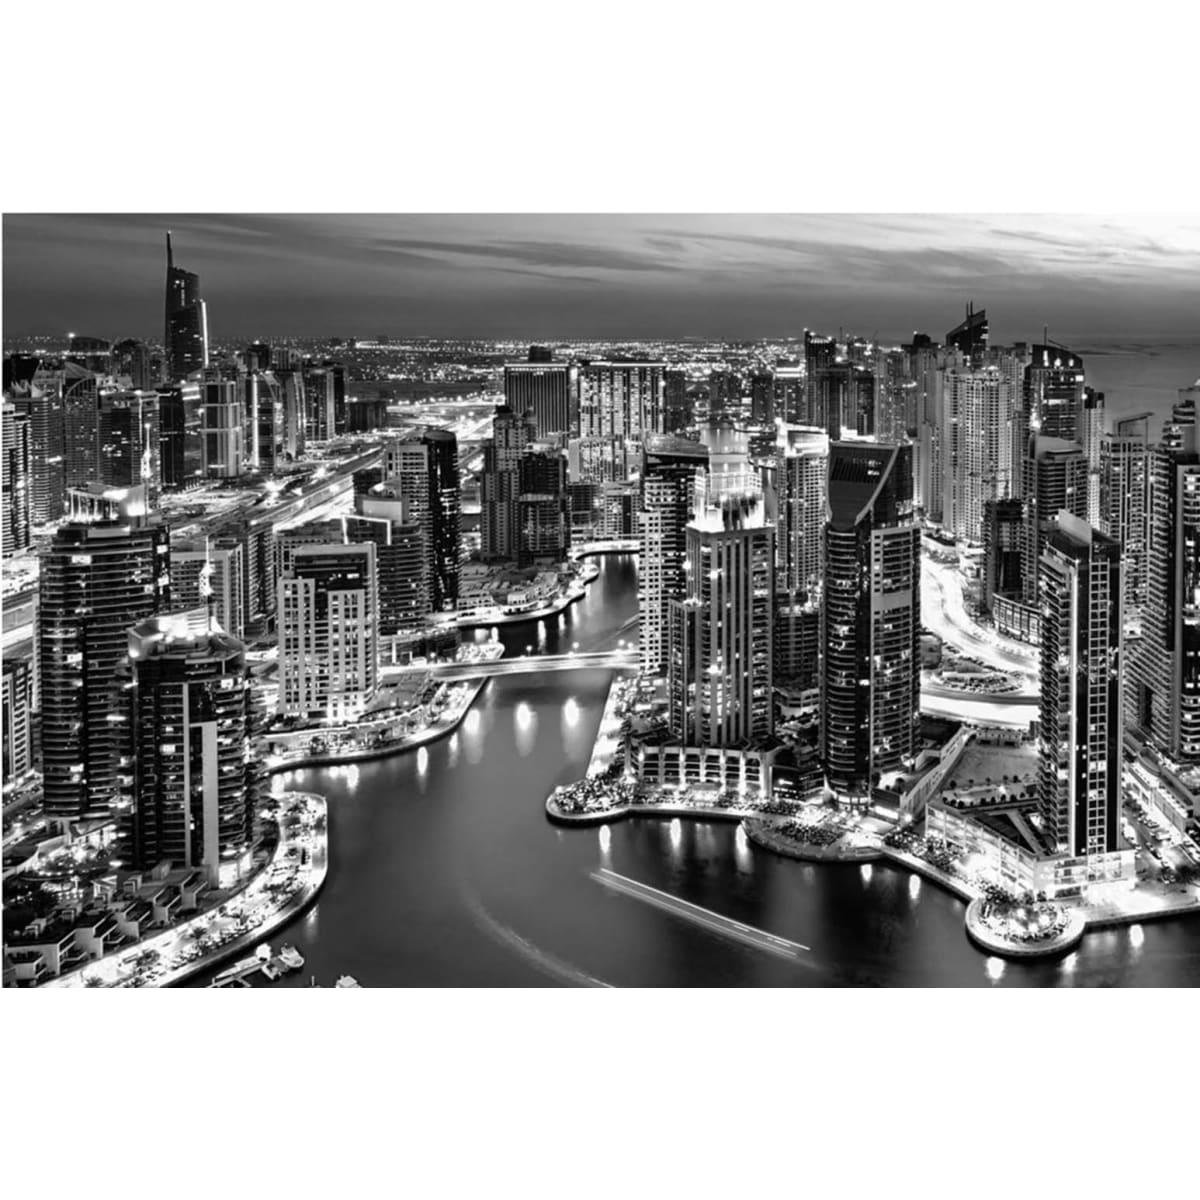 готовые черно белые фотообои с городом все впечатляет, несмотря